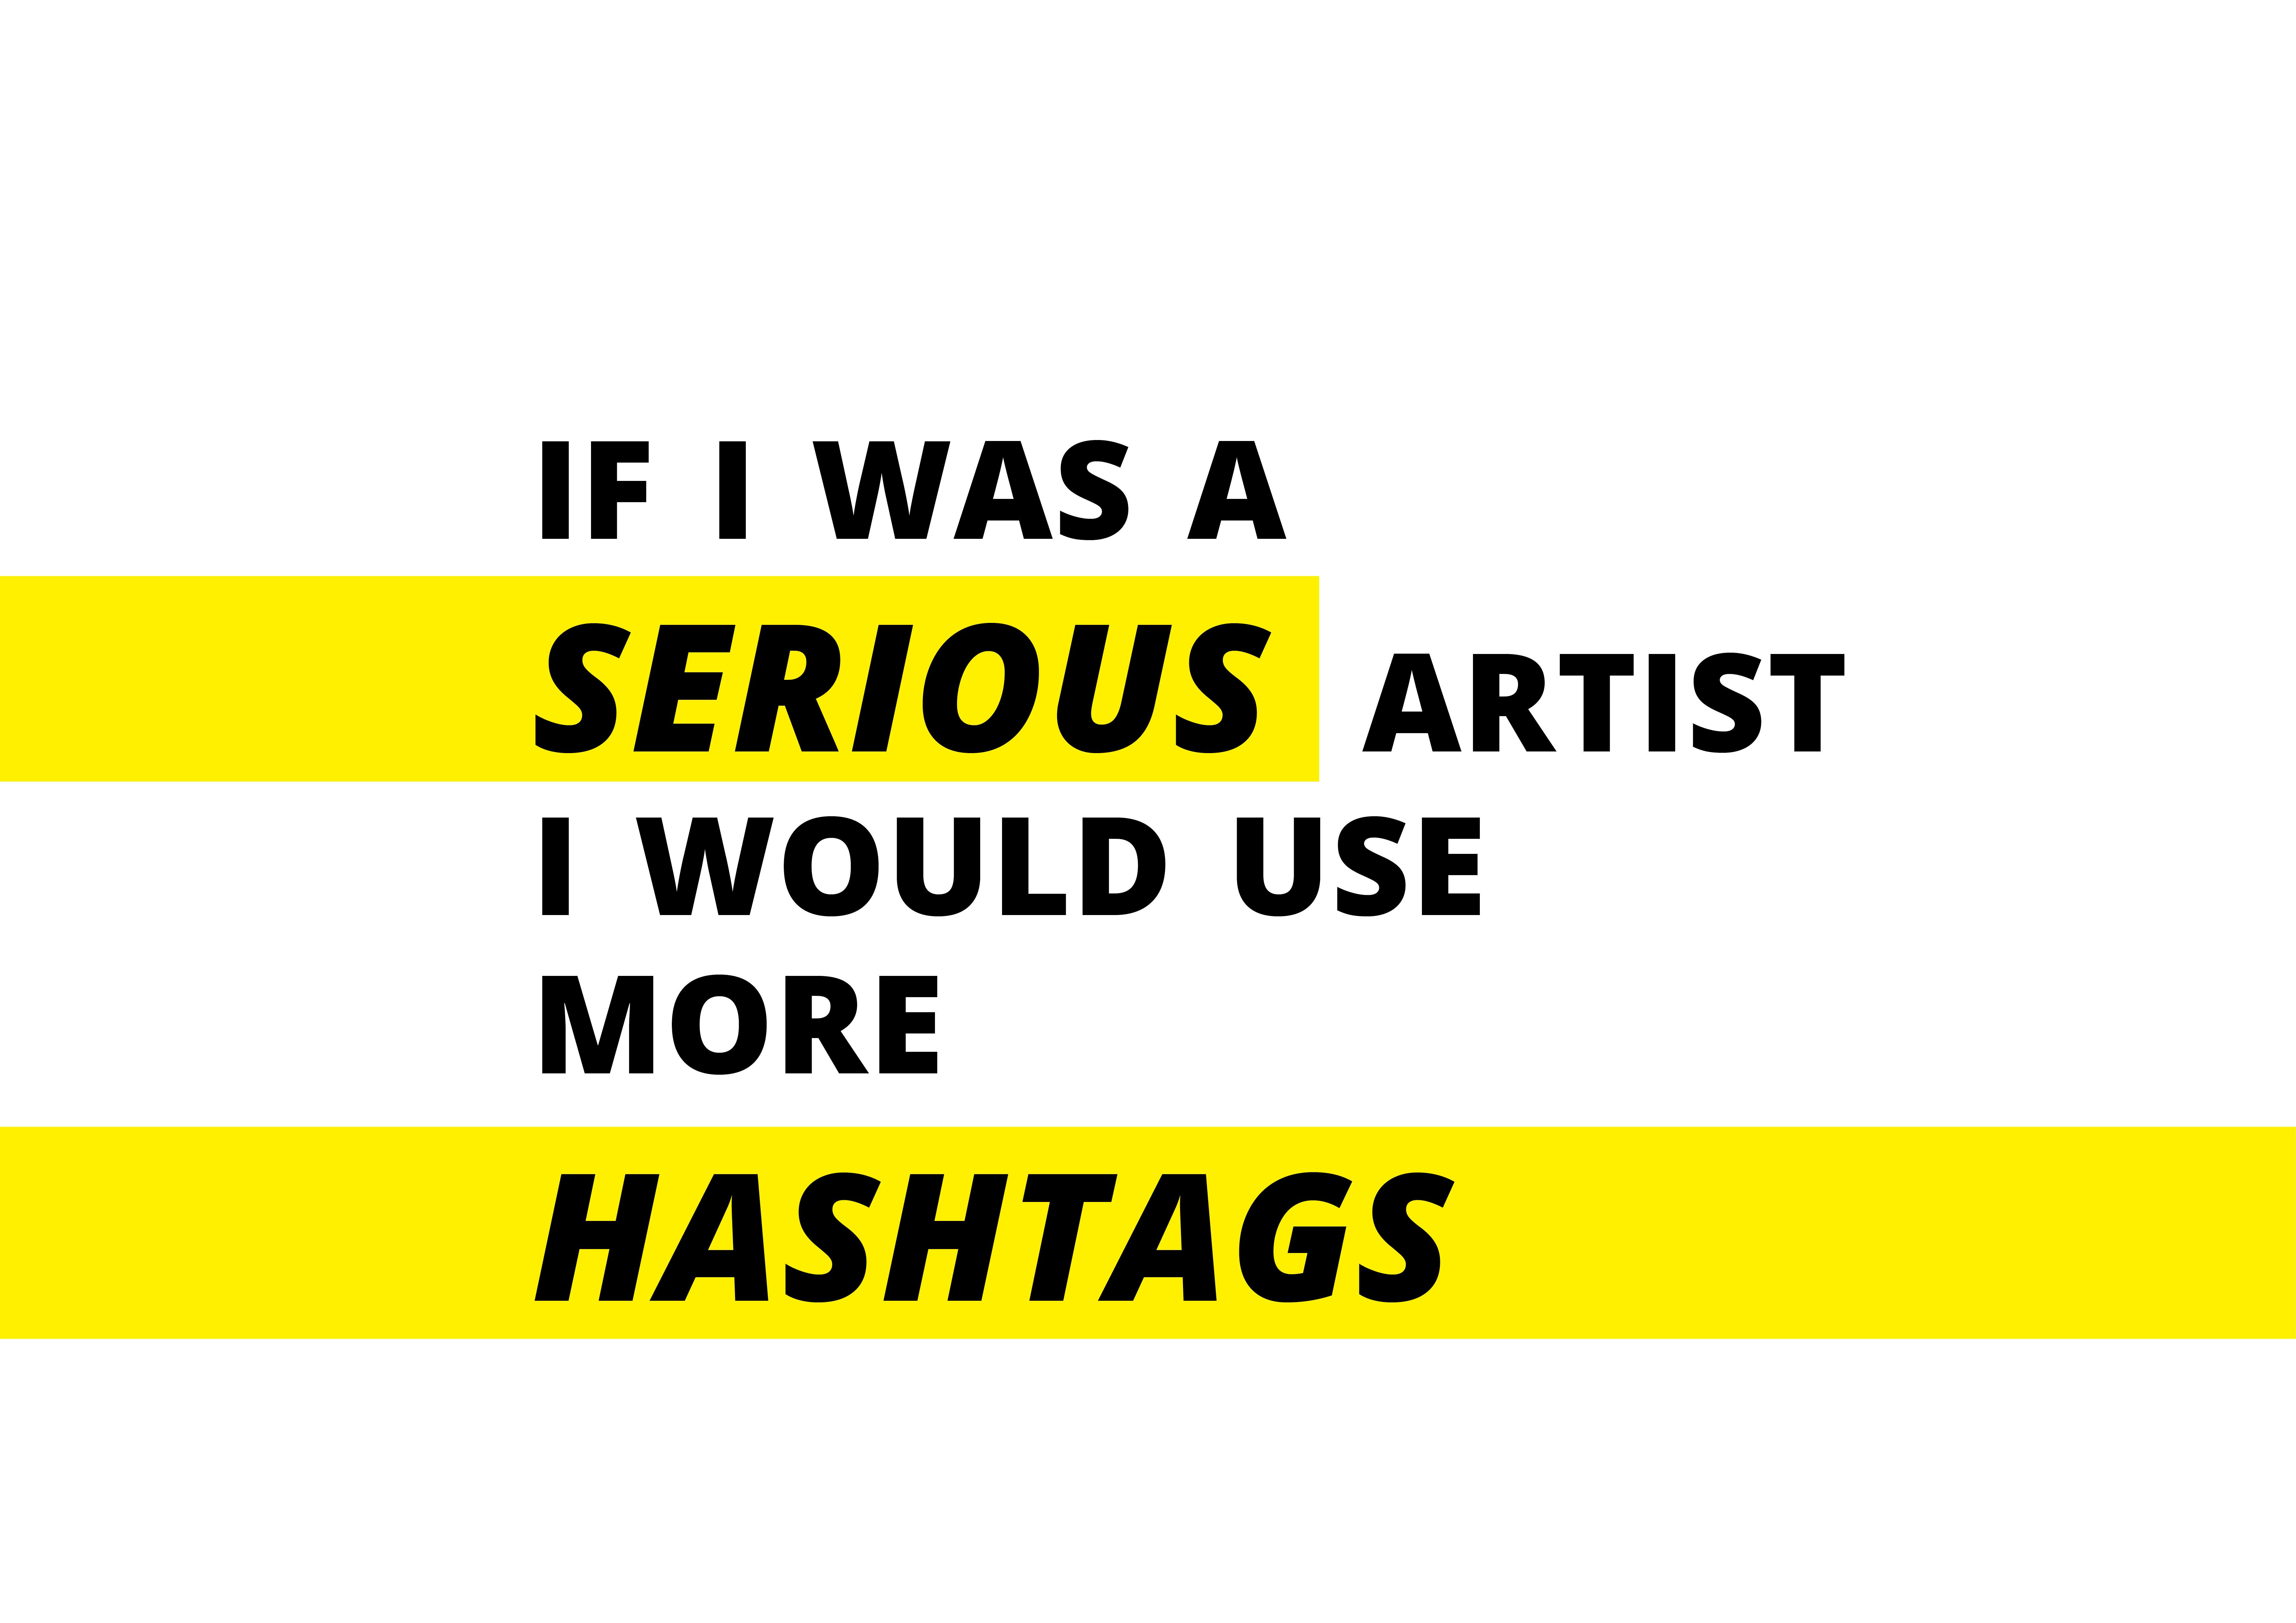 #seriousartist